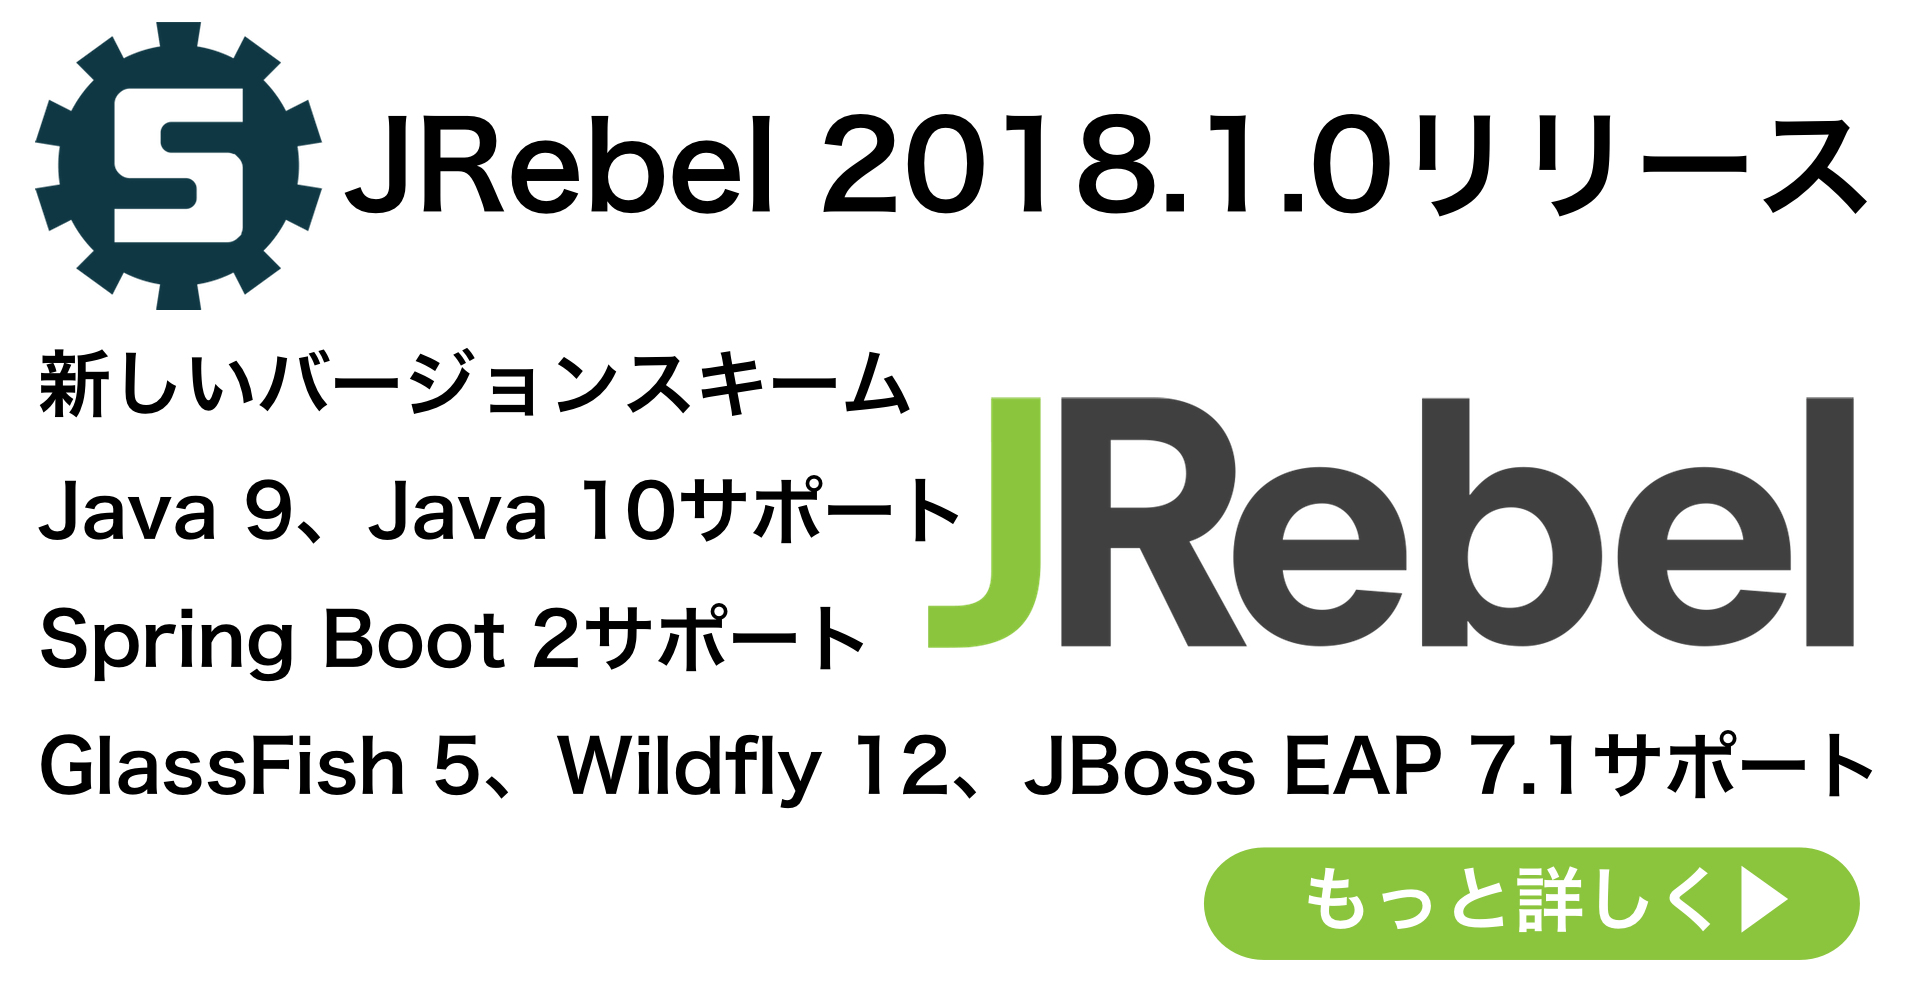 JRebel 2018.1.0リリース